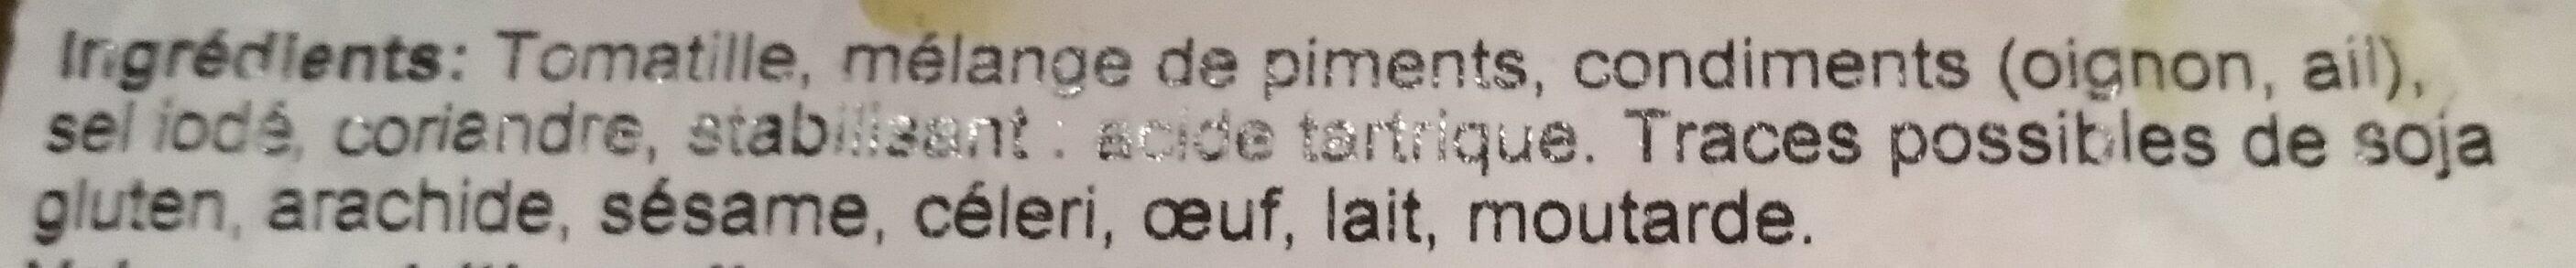 La Costeña Salsa Verde - Ingredientes - fr